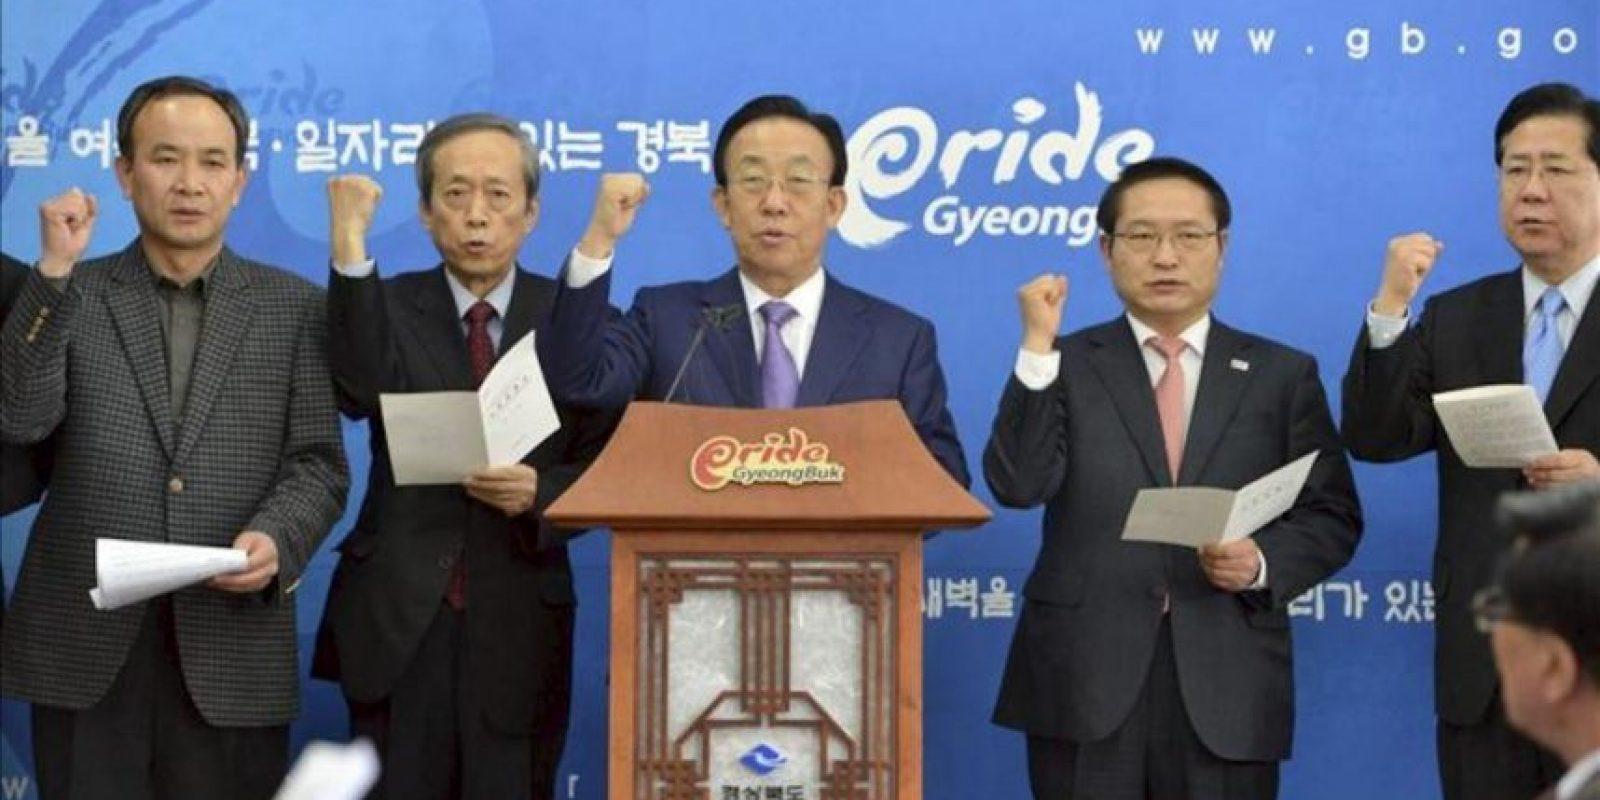 El gobernador de la provincia surcoreana de Gyeongsang del Norte, Kim Kwan-yong (c), ofrece un discurso en el que critica la celebración por parte de Japón del Día de Takeshima, en el complejo del gobierno provincial de Daegu, al este de Corea del Sur, hoy viernes 22 de febrero de 2013. EFE